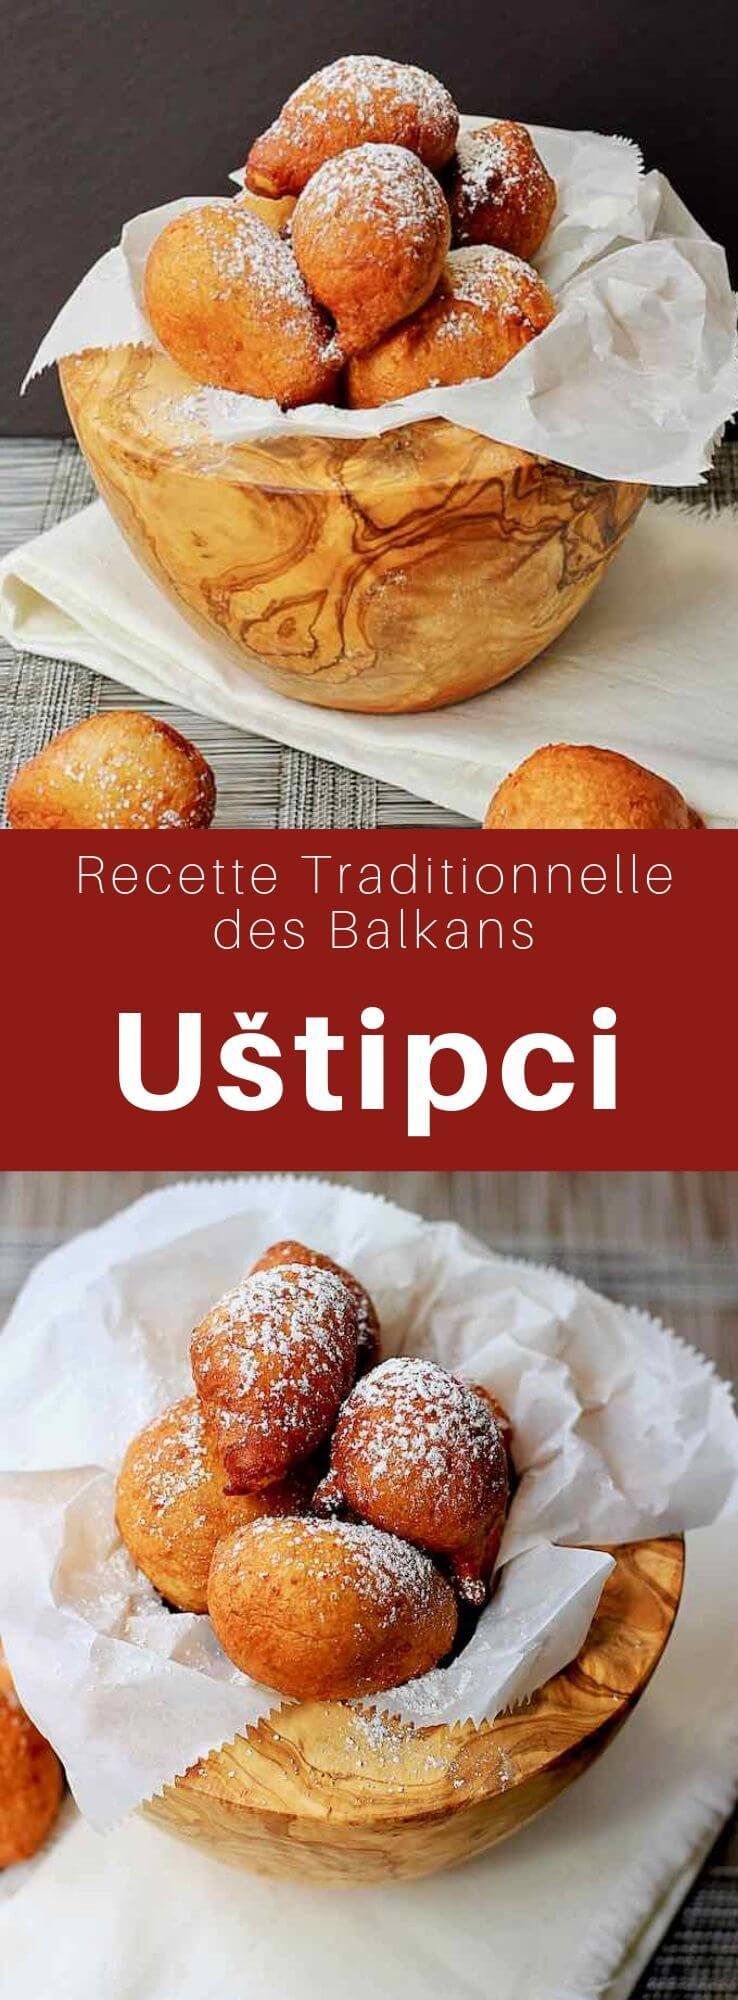 Les uštipci sont des boules de pâtes frites populaires en Bosnie-Herzégovine, Croatie, Macédoine du Nord, Serbie et Slovénie où elles sont connues sous le nom de miške. #Balkans #CuisineDuMonde #196flavors